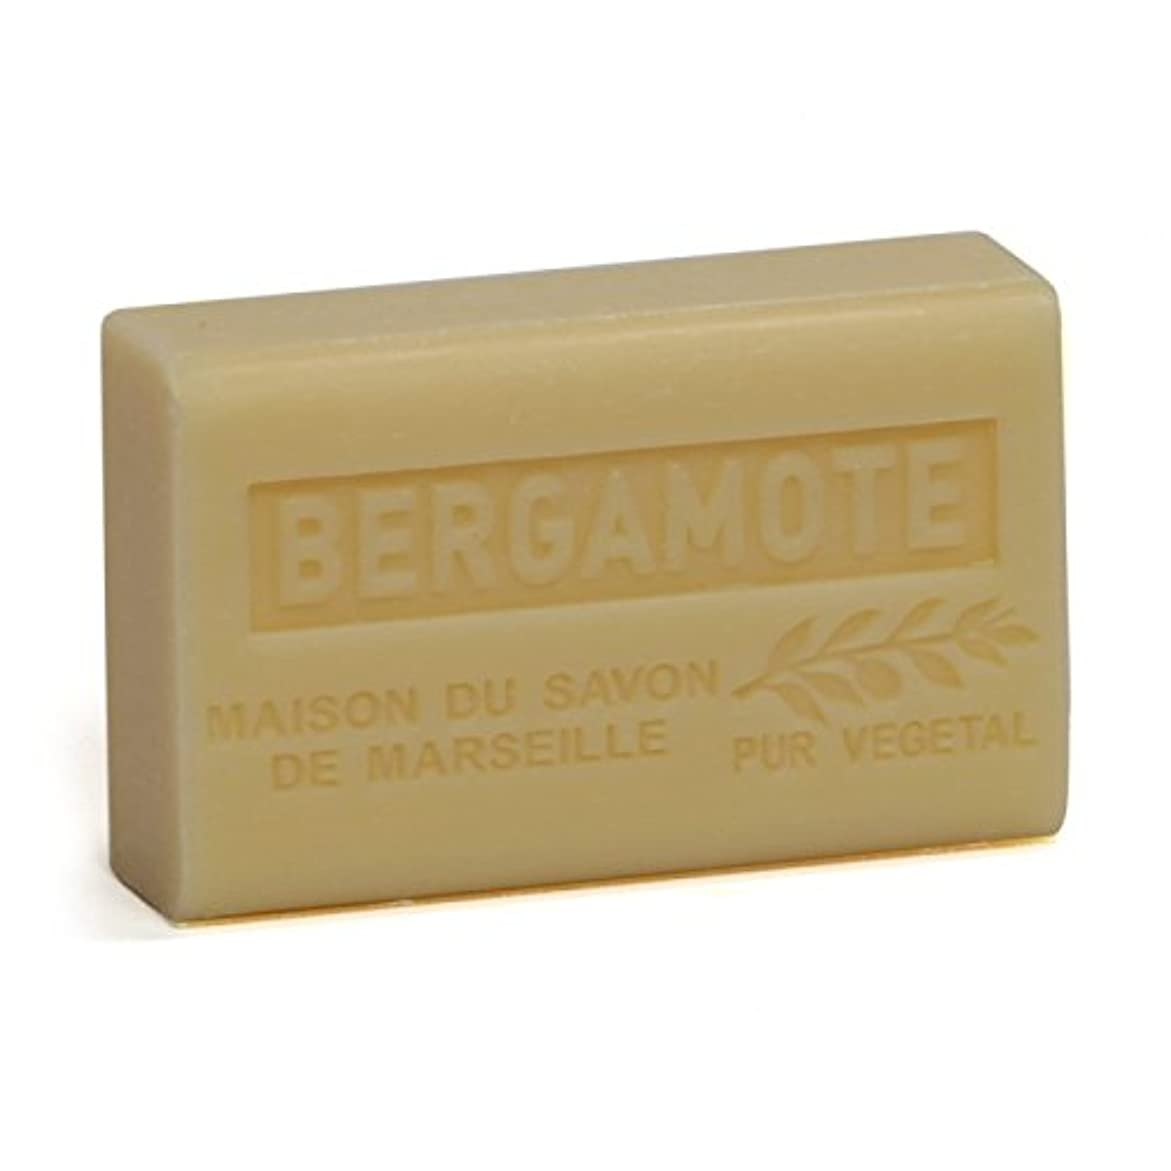 酔って署名促進するSavon de Marseille Soap Bergamot Shea Butter 125g